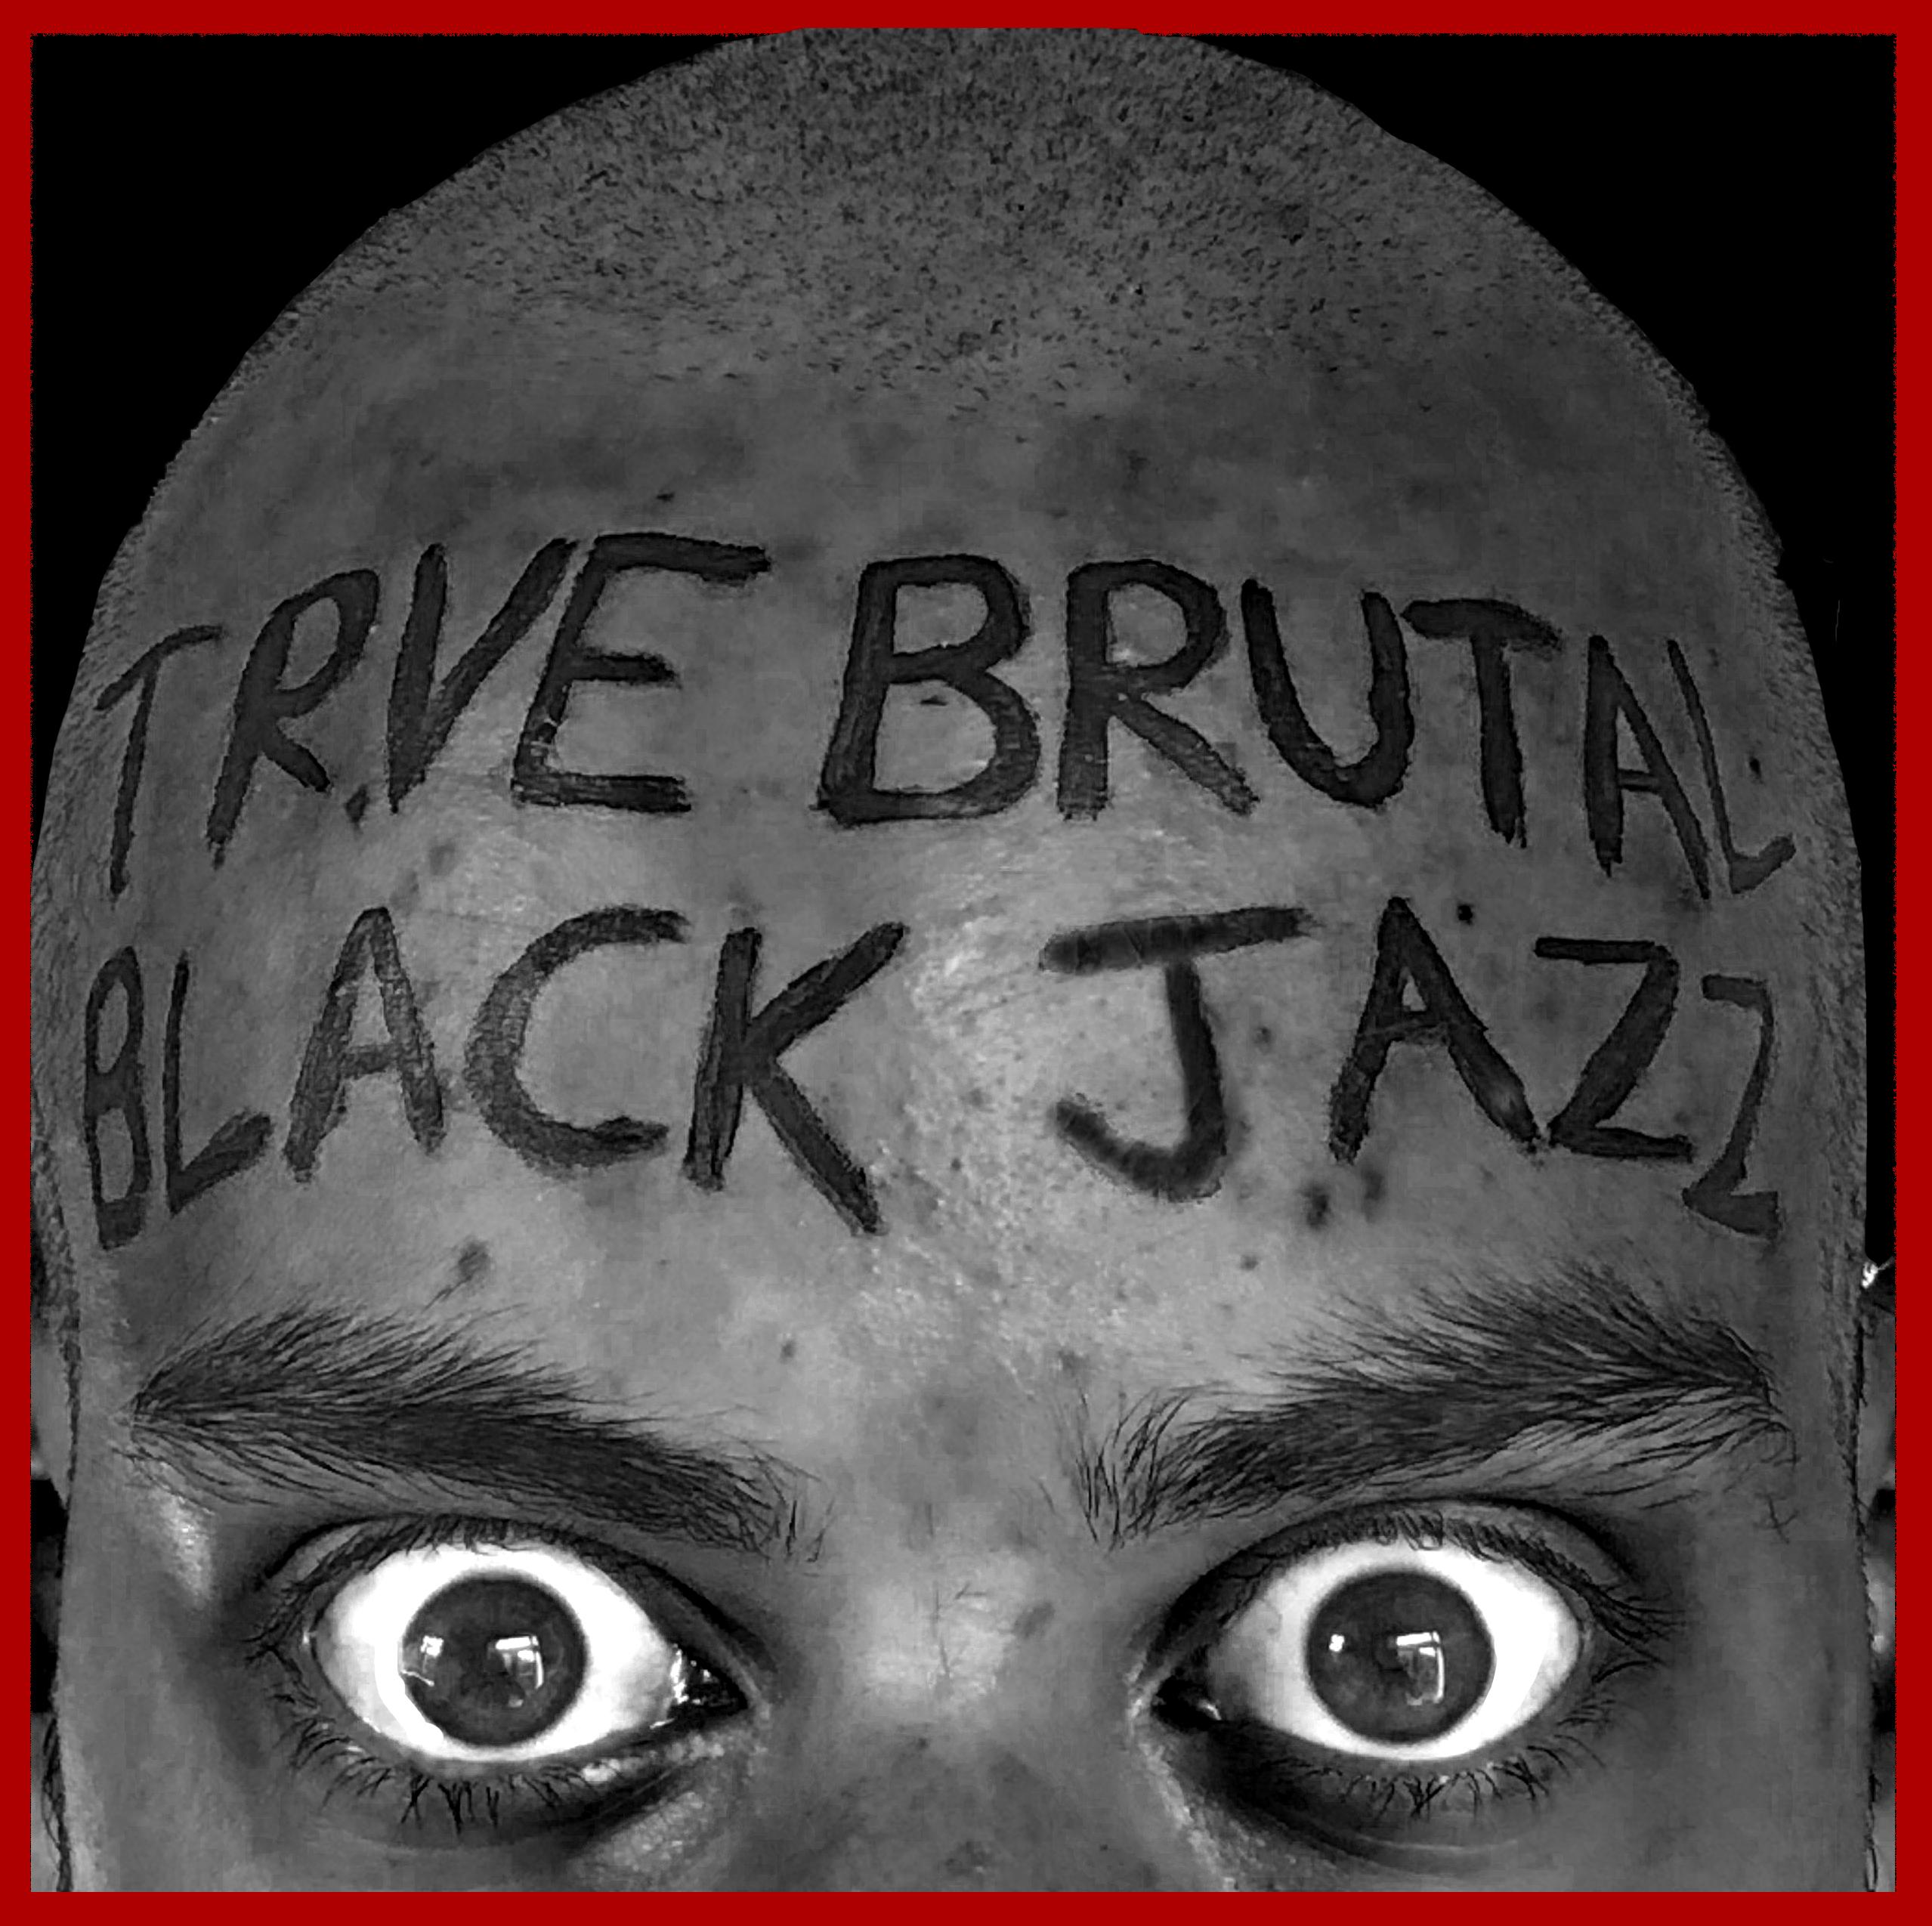 Trve Brutal Black Jazz